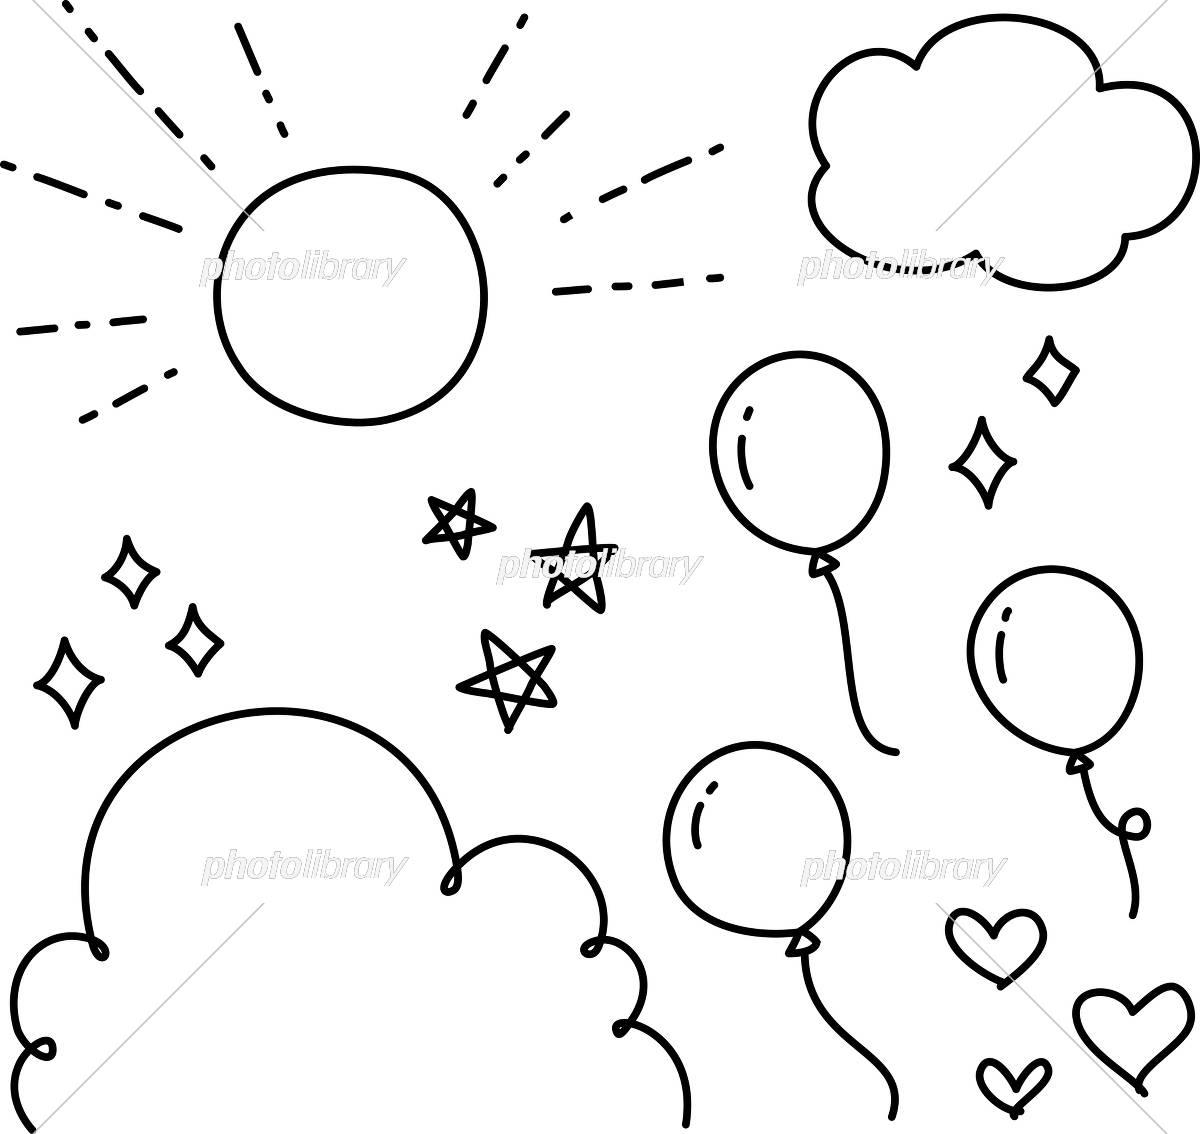 手書きの空と風船のイラストセット イラスト素材 [ 5566361 ] - フォト